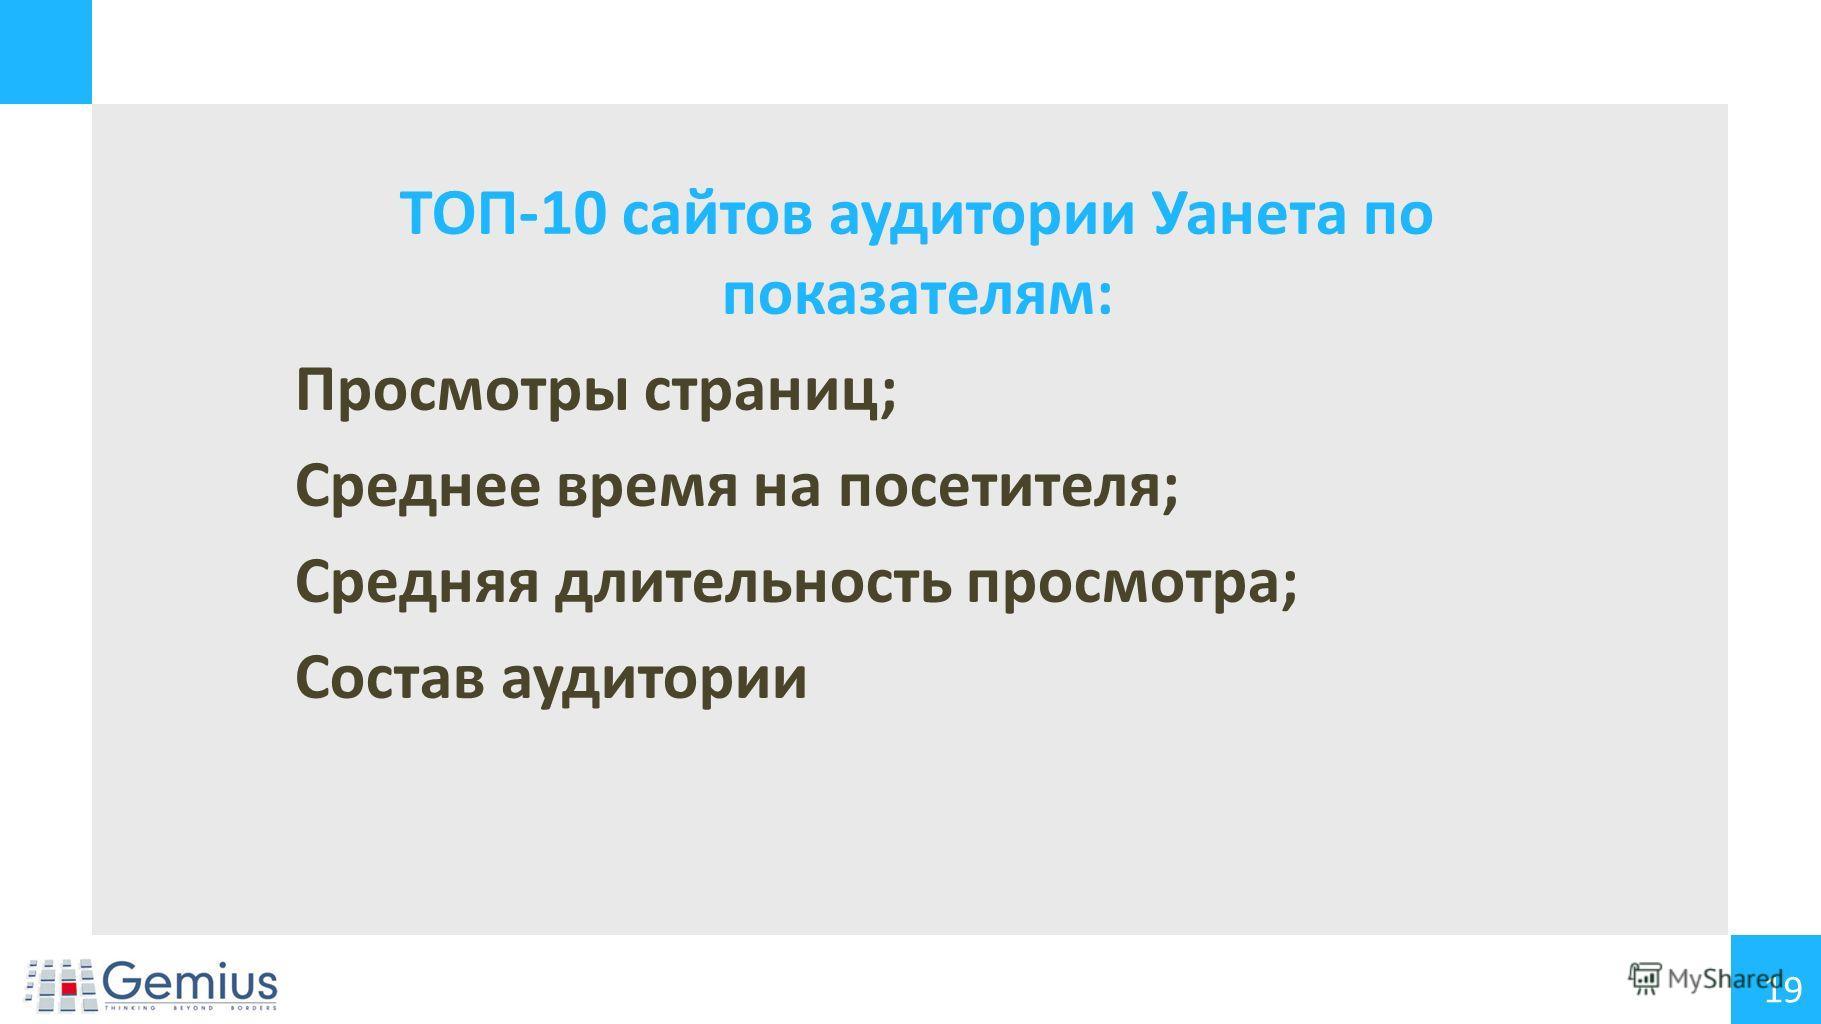 19 ТОП-10 сайтов аудитории Уанета по показателям: Просмотры страниц; Среднее время на посетителя; Средняя длительность просмотра; Состав аудитории